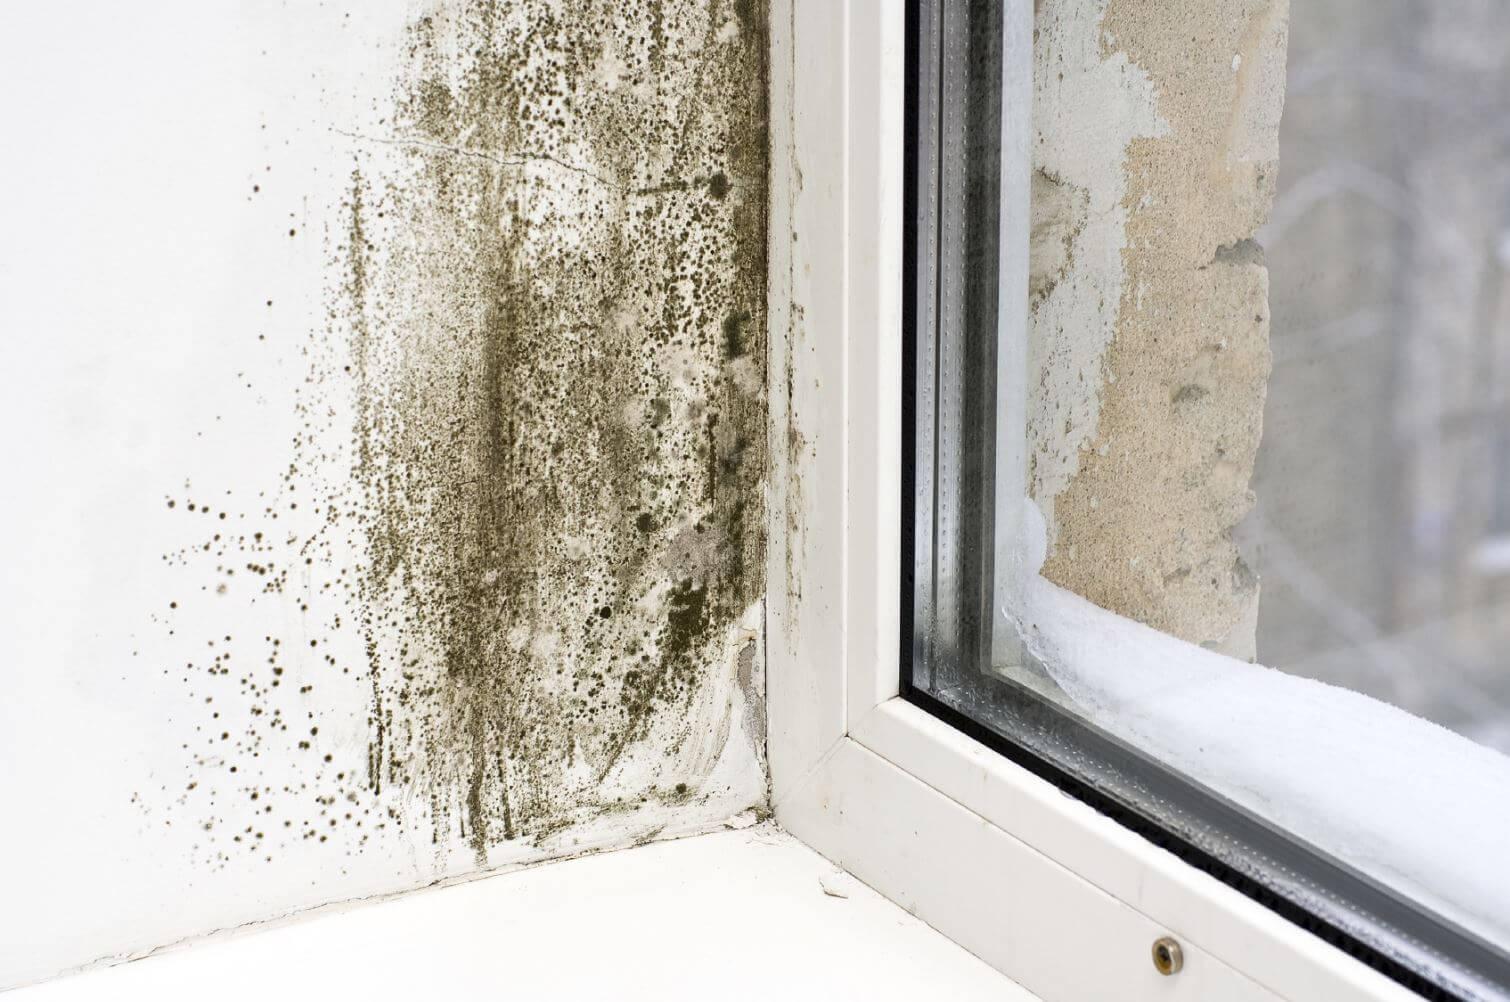 Mur humide humidite mur